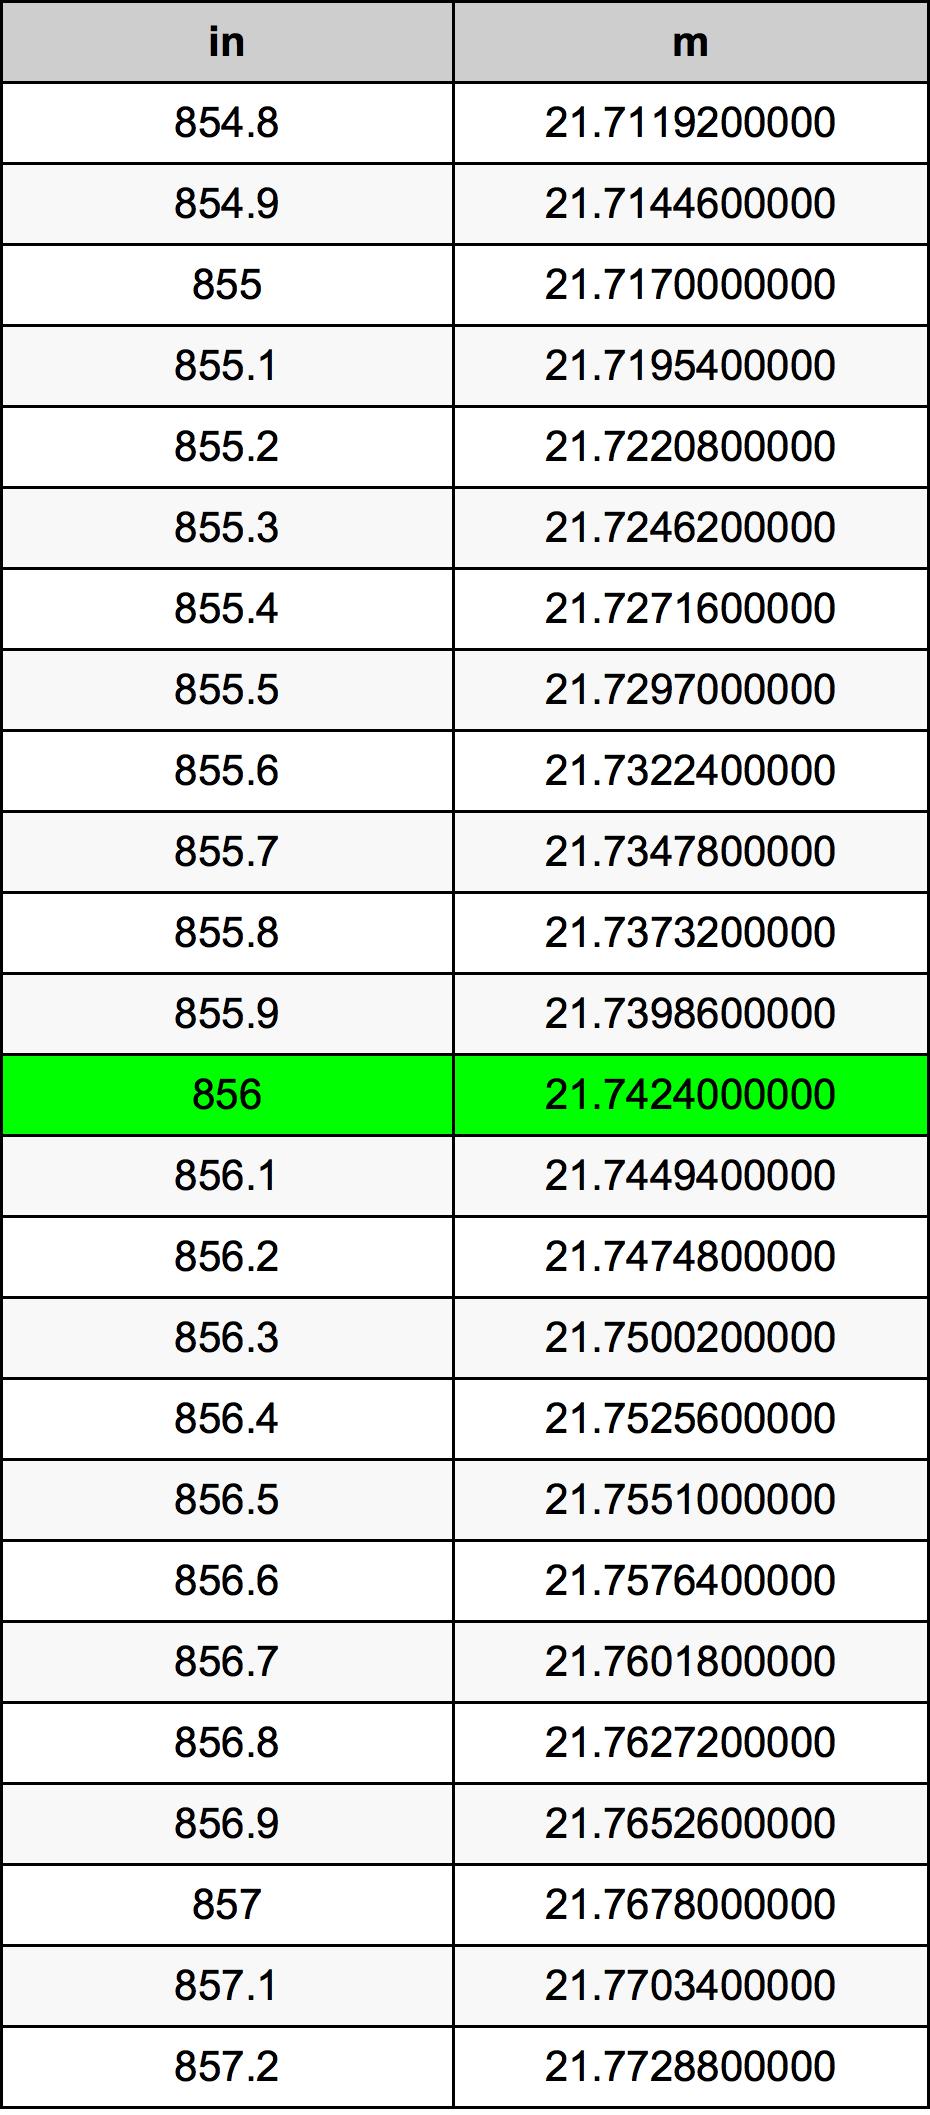 856 Țol tabelul de conversie